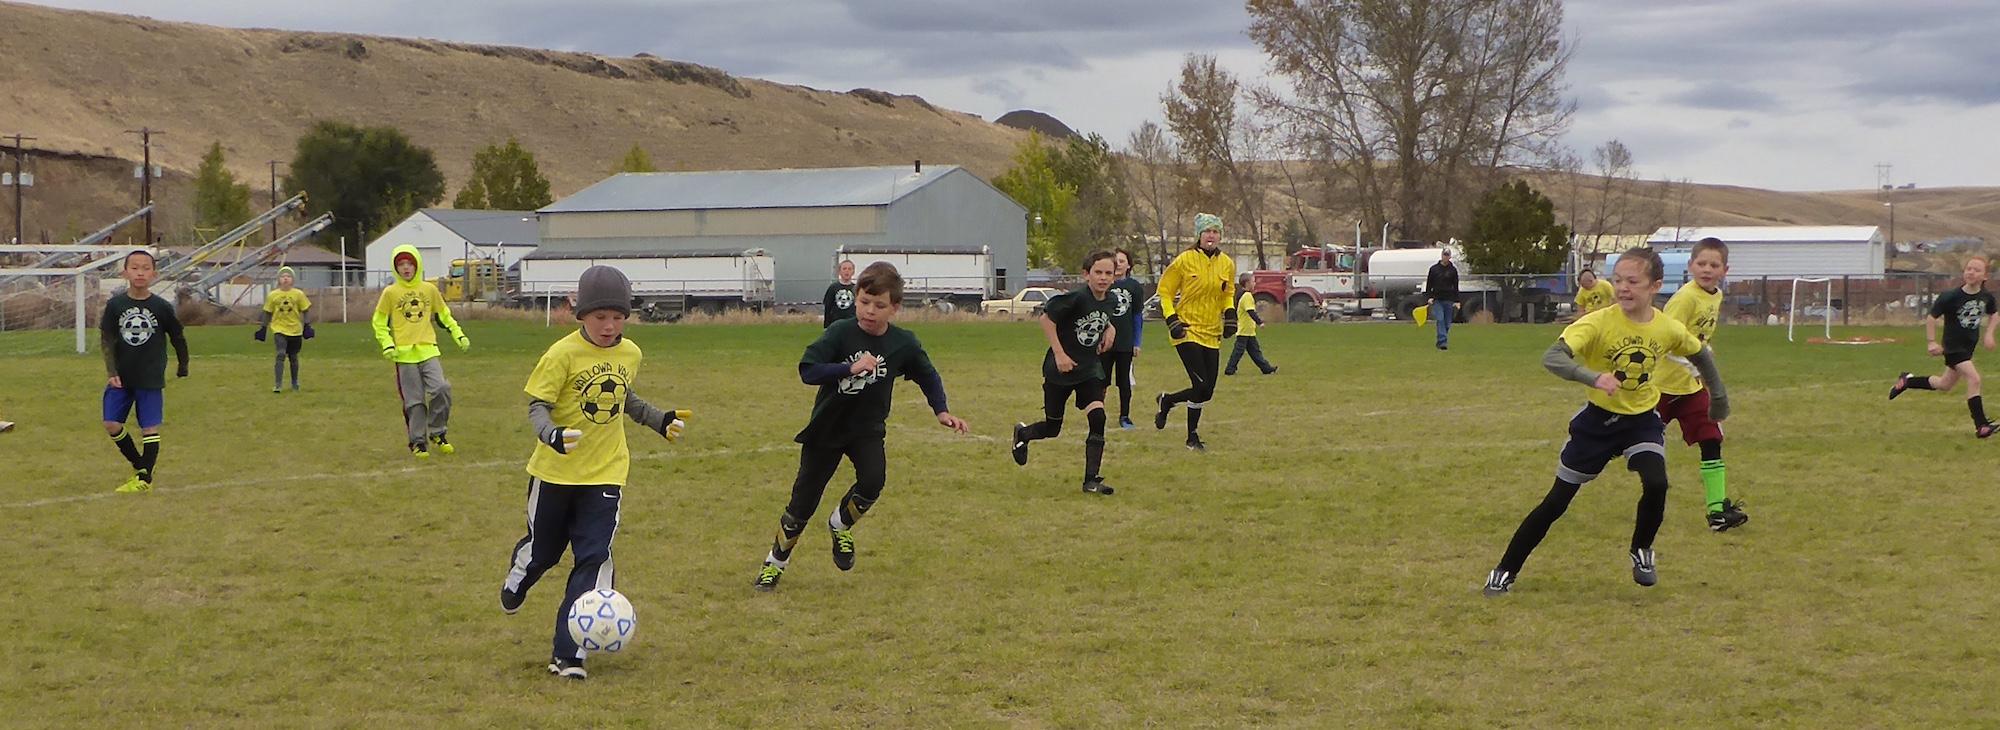 kids-soccer2.jpg